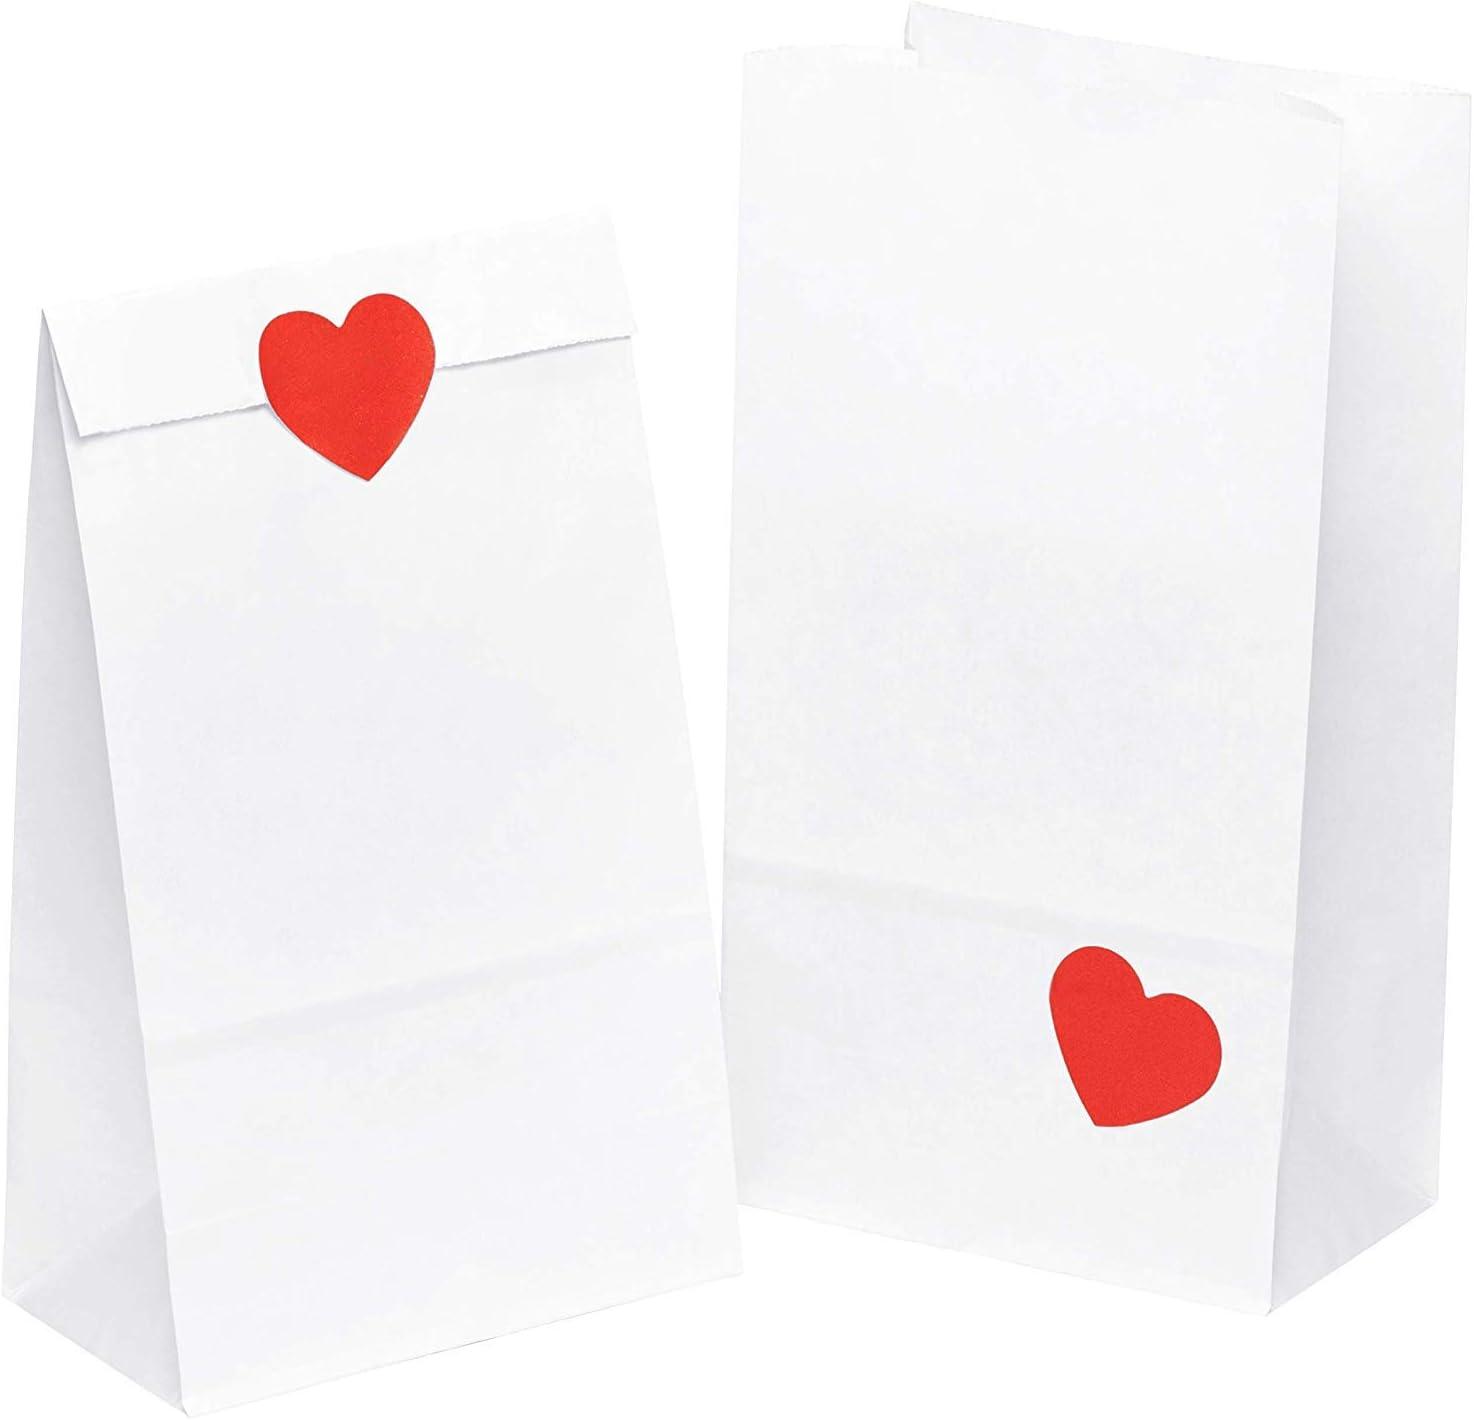 Calendario dellavvento Paper Bag Buste Carta Kraft Borse per bomboniere kgpack 50x Sacchetto di Carta per Alimenti 14 x 26 x 8 cm Adesivo Cuore Sacco di Carta per la conservazione del Cibo